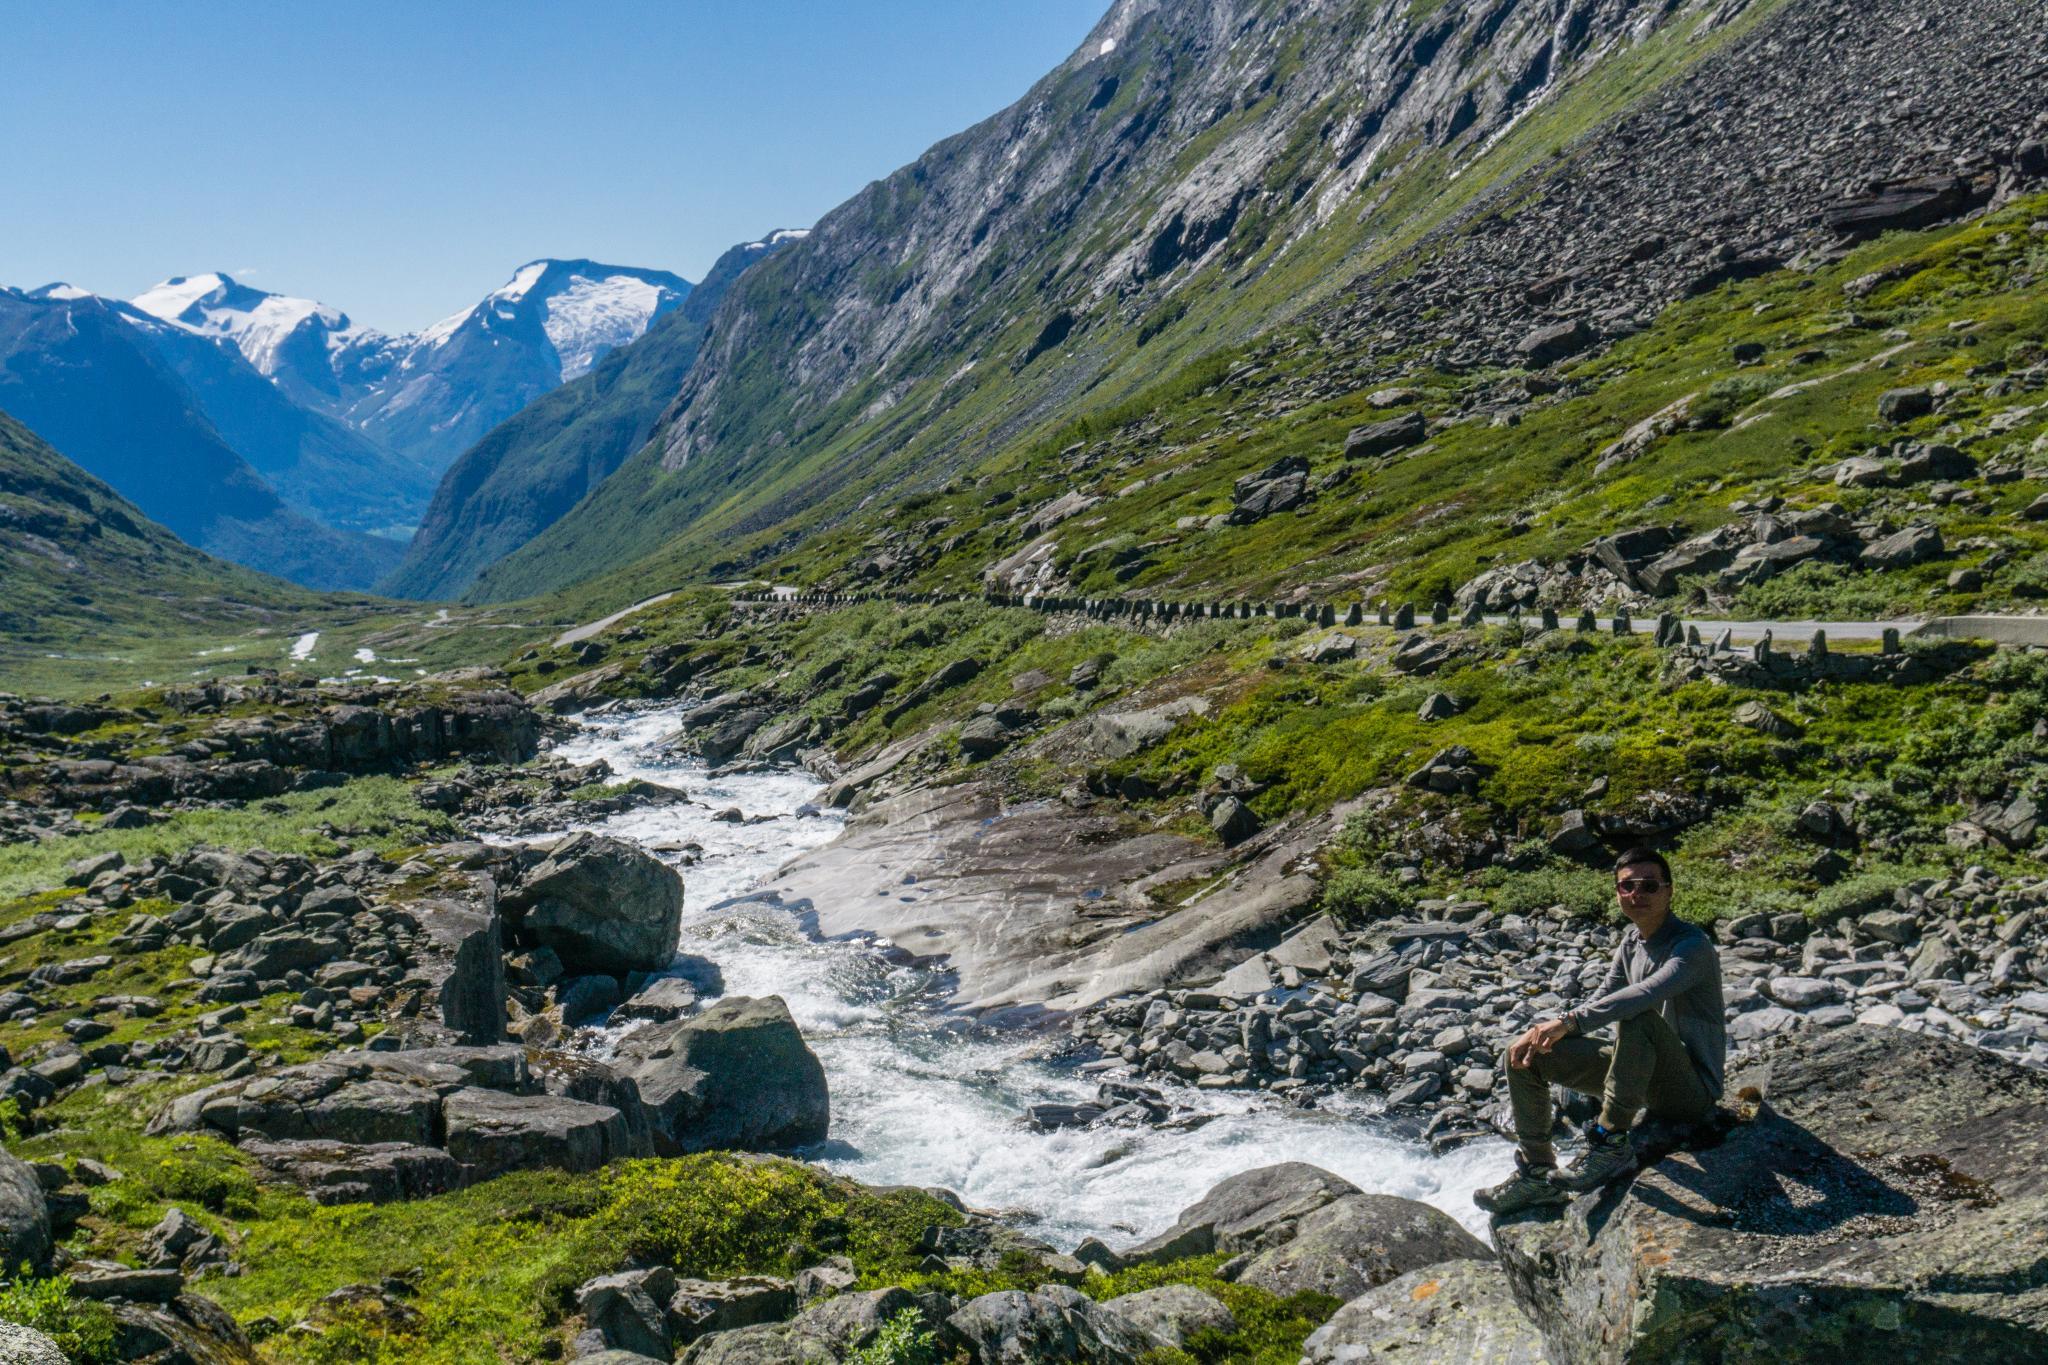 【北歐景點】朝聖歐洲大陸最大的冰河 - 挪威約詩達特冰河國家公園 (Jostedalsbreen National Park) 16